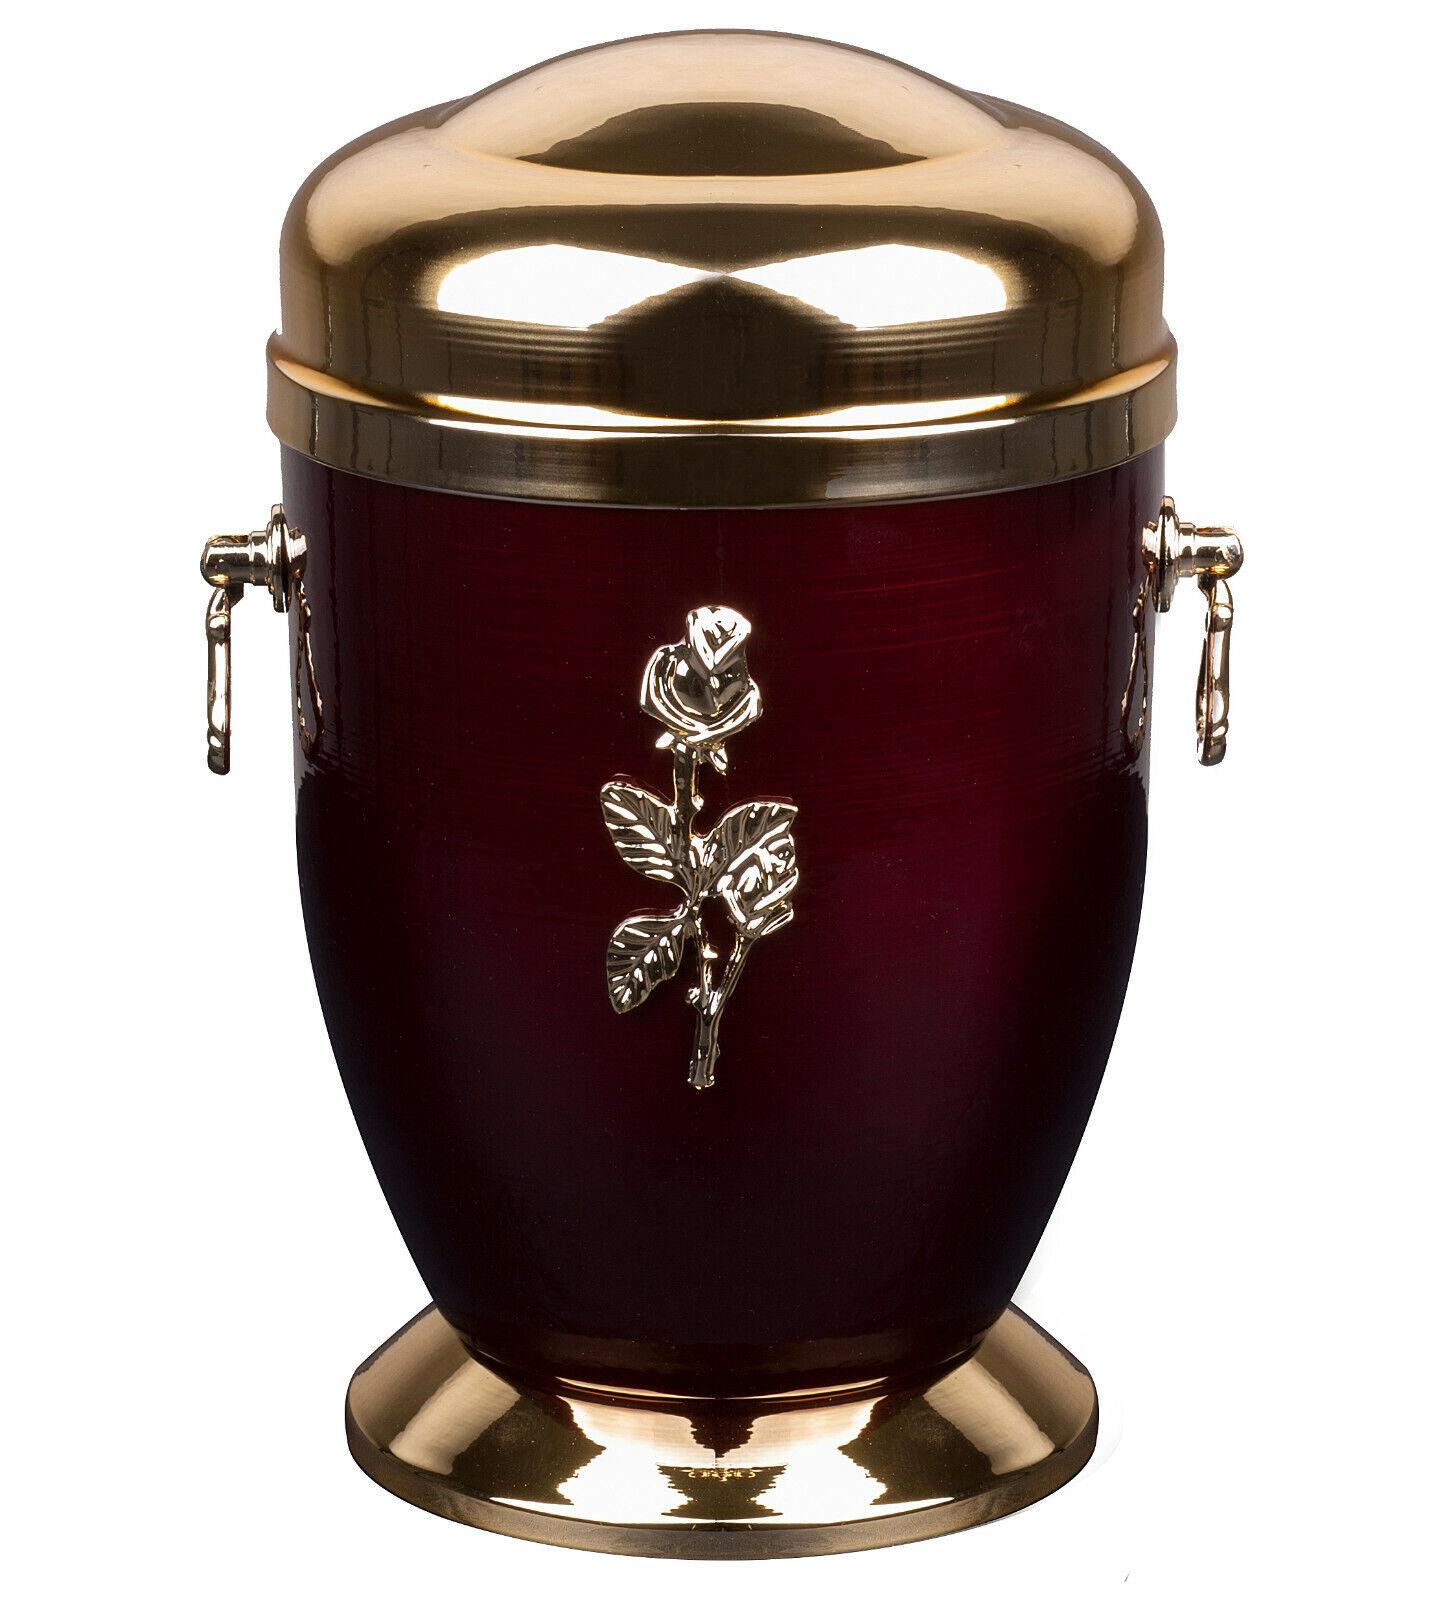 Métal Urne de Crémation pour Adulte Uniques Mémorial Funérailles Humain Ashes (